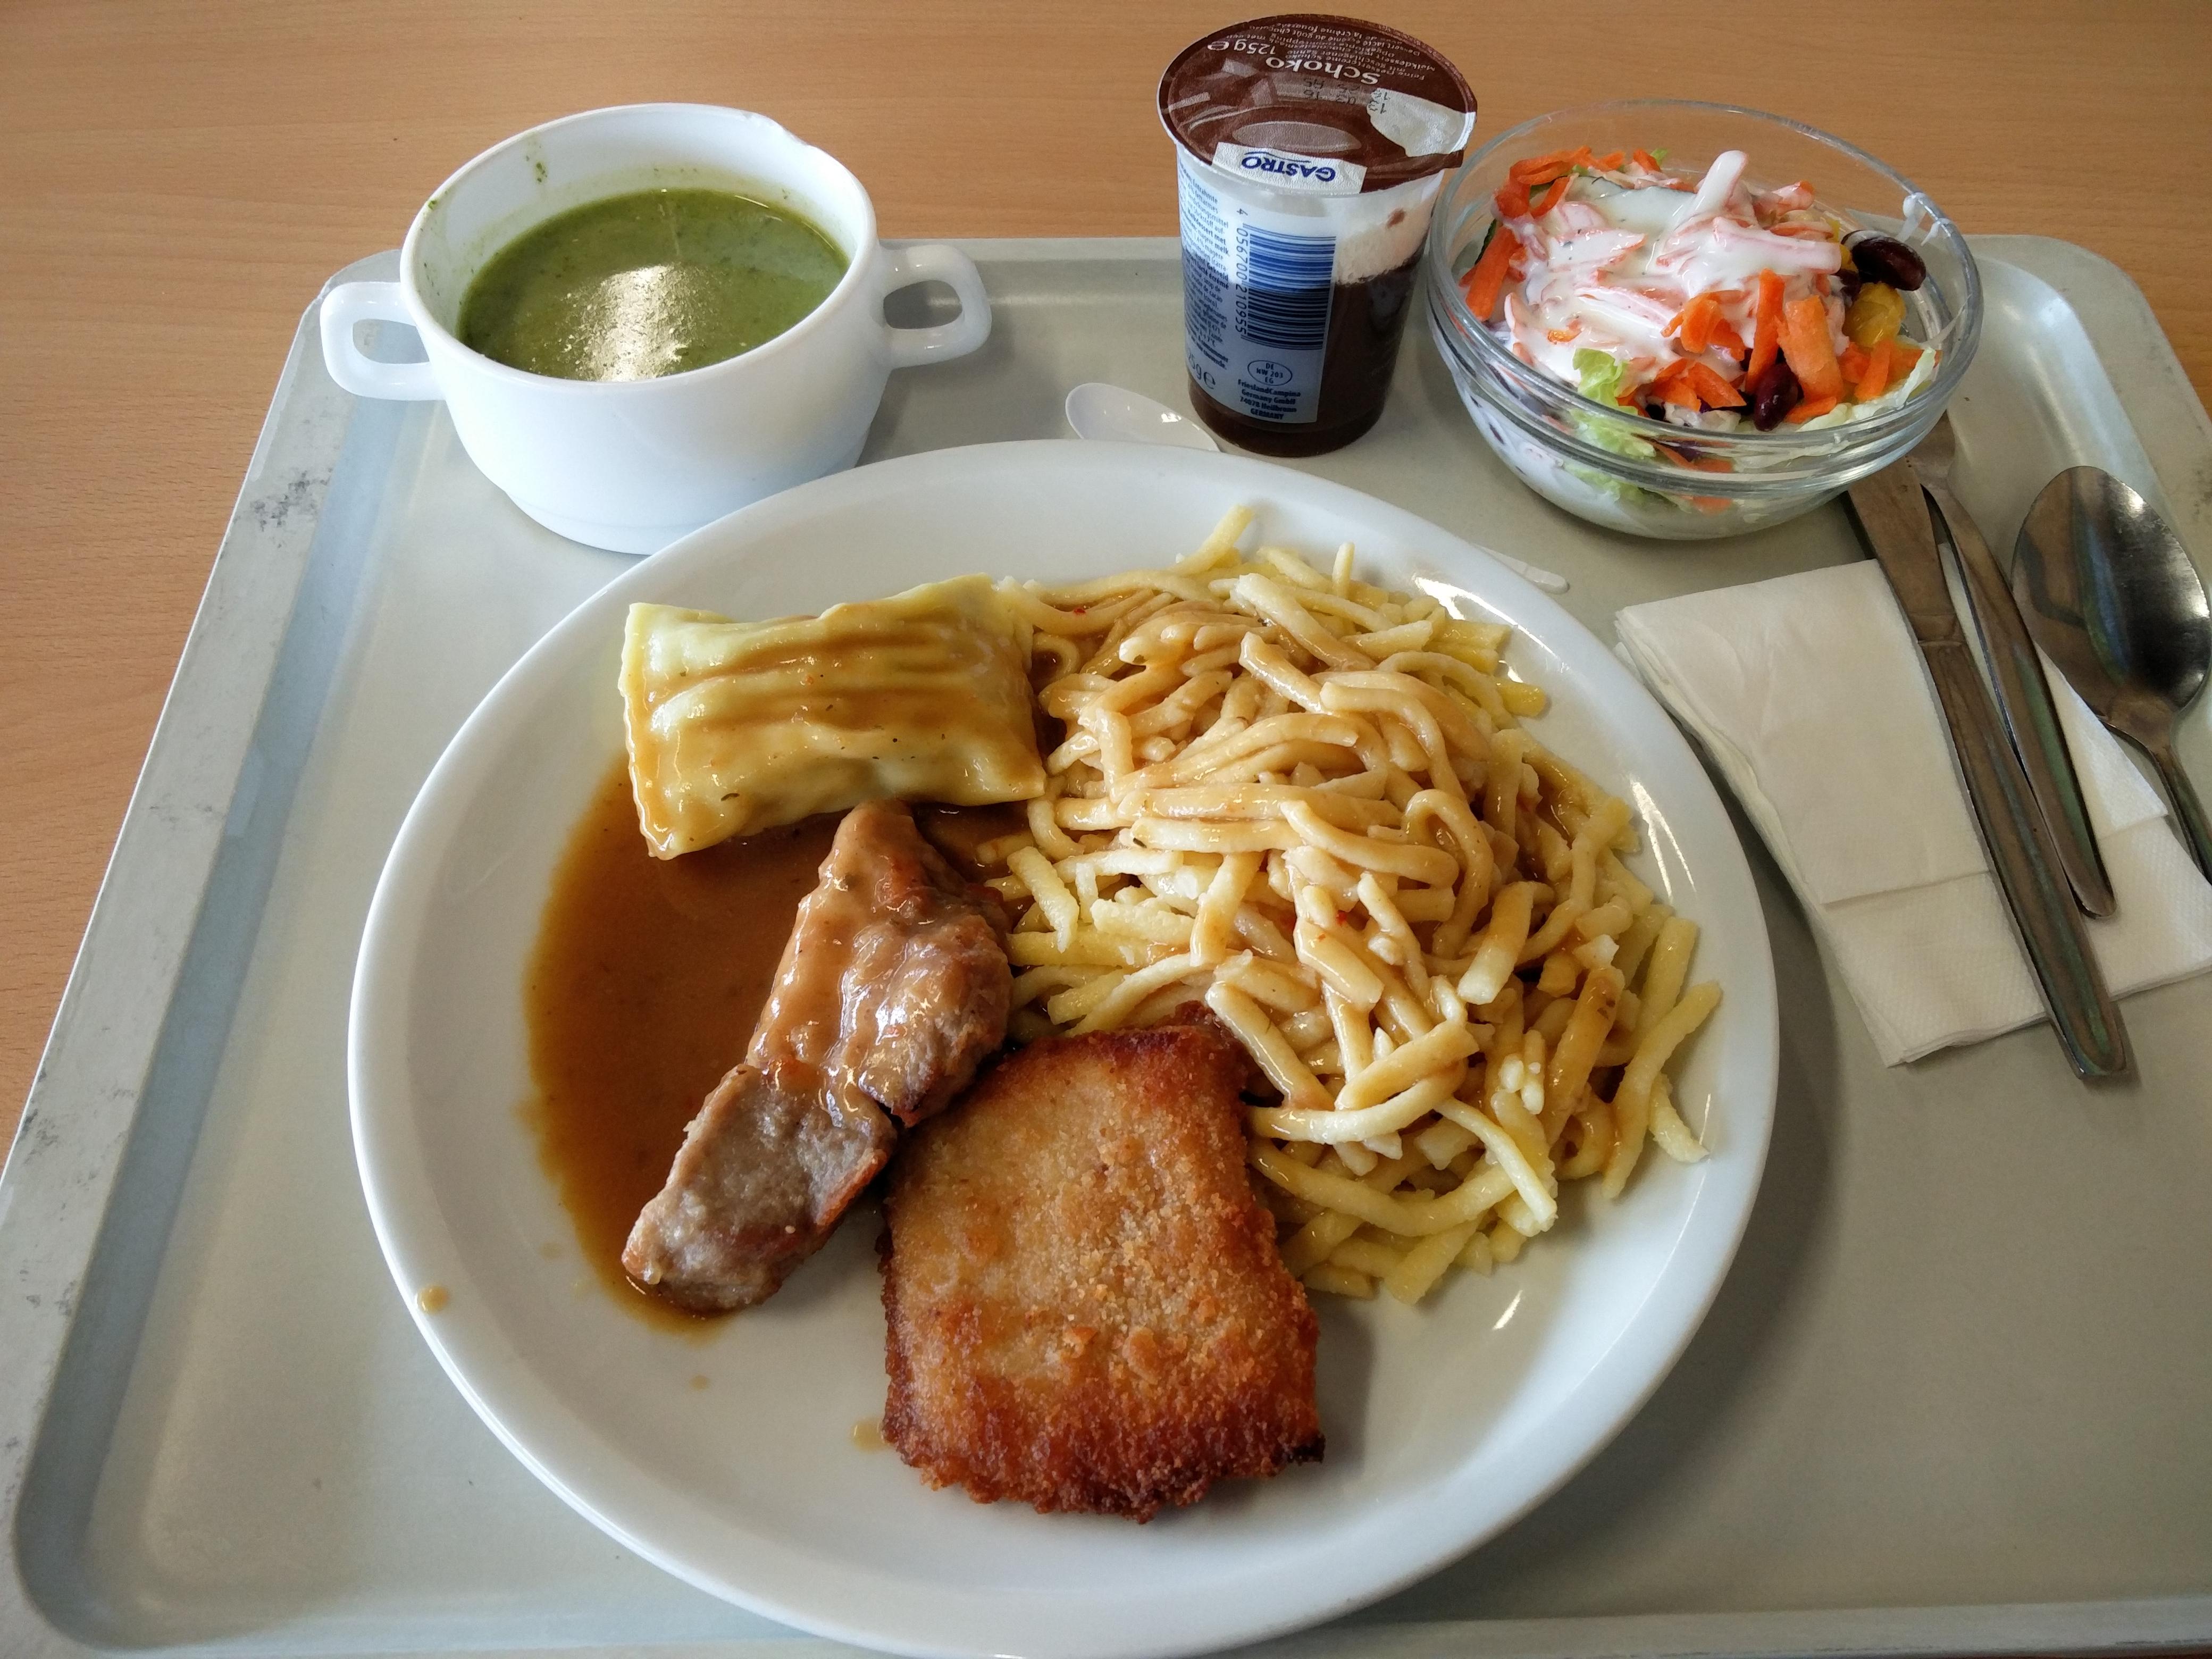 http://foodloader.net/nico_2016-02-25_schwabenteller-mit-suppe-salat-und-nachtisch.jpg